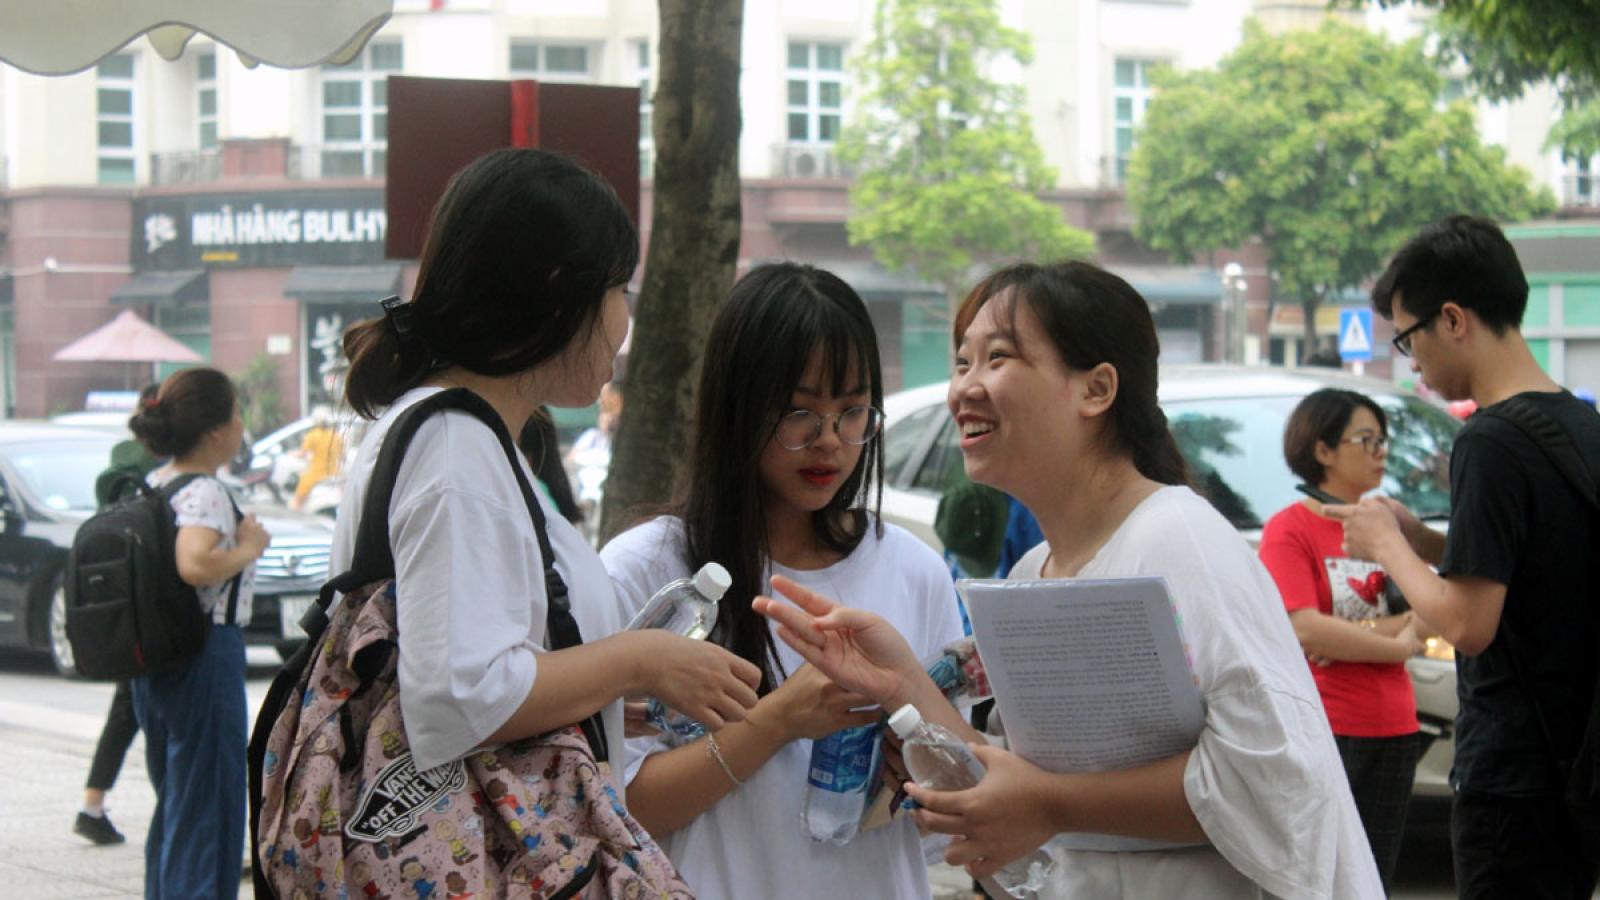 Thí sinh cần biết: Mốc thời gian điều chỉnh nguyện vọng xét tuyển đại học